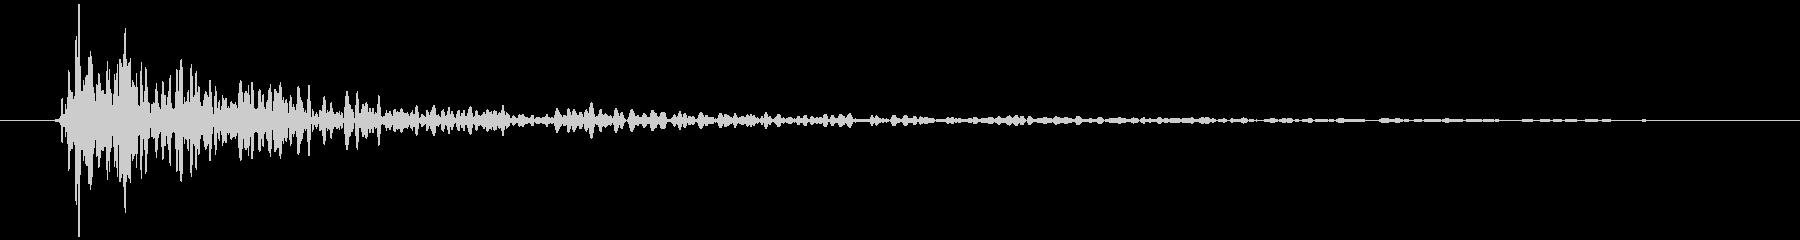 引き戸 閉めきり音 トォン…の未再生の波形